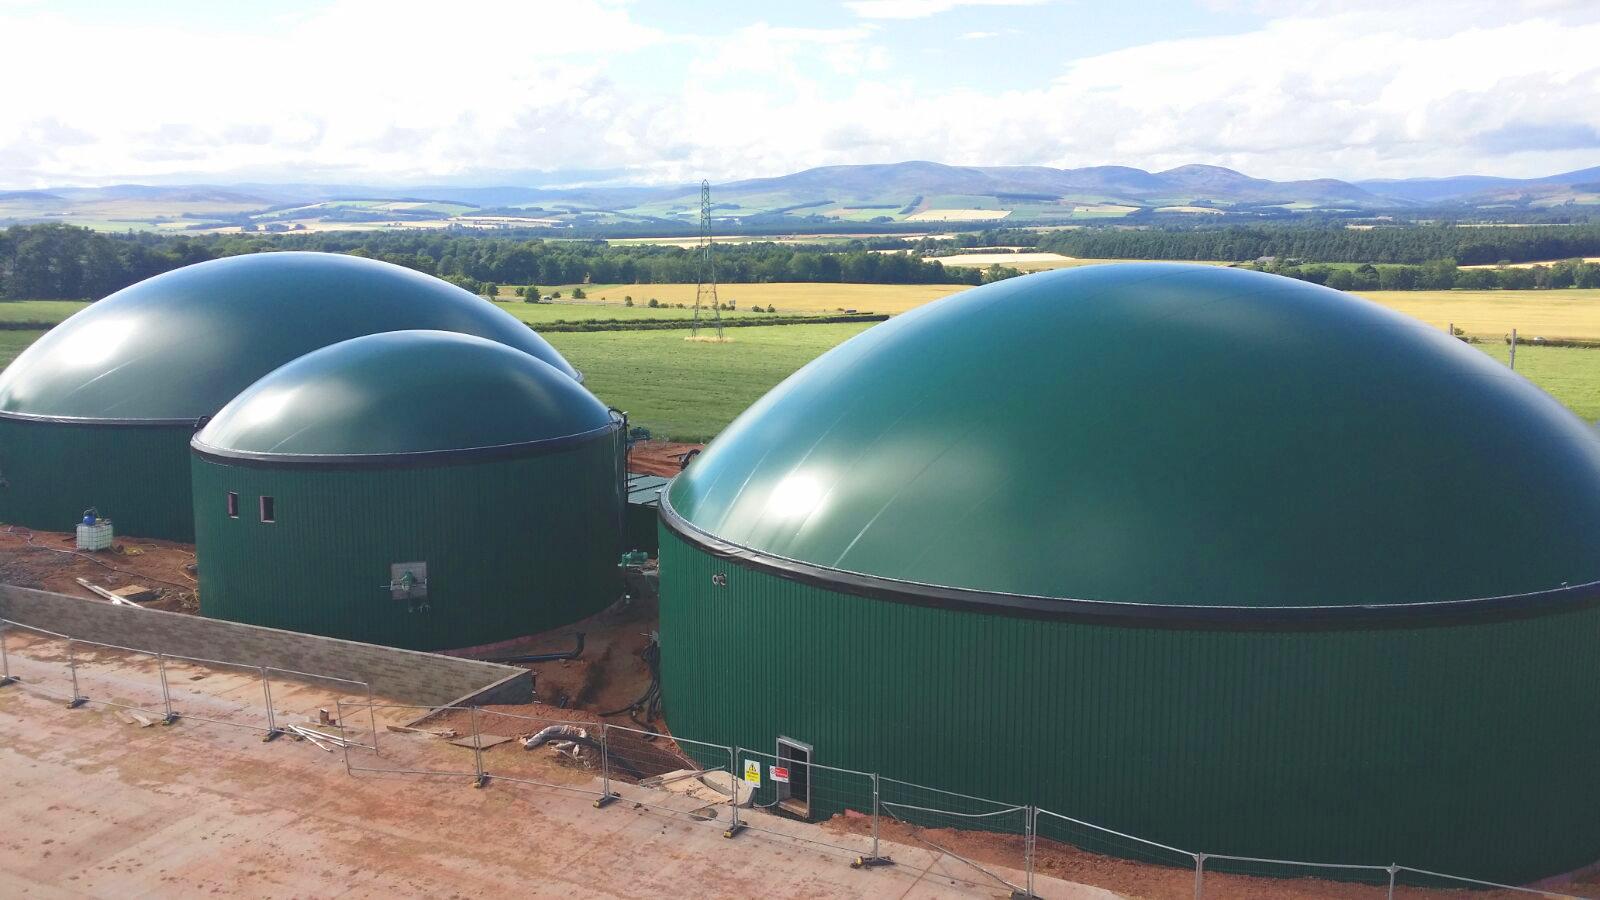 Biogas Stracathro United Kingdom 04 Instalación de Gasómetros-Planta de Biogás de 1MW en Stracathro Reino Unido